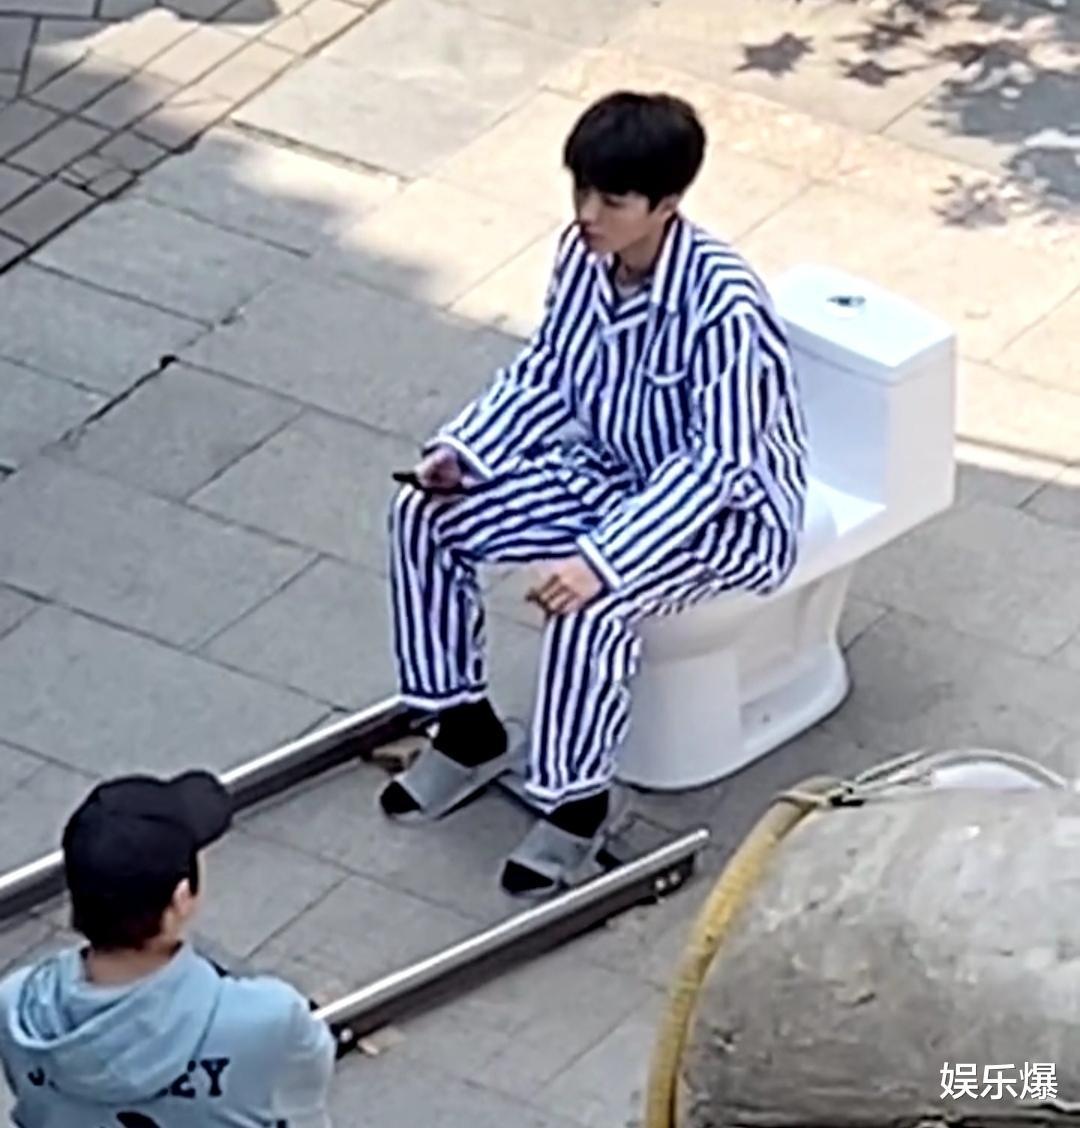 王俊凯新剧路透曝光,比起穿病号服,更令人惊讶的是坐在马桶上